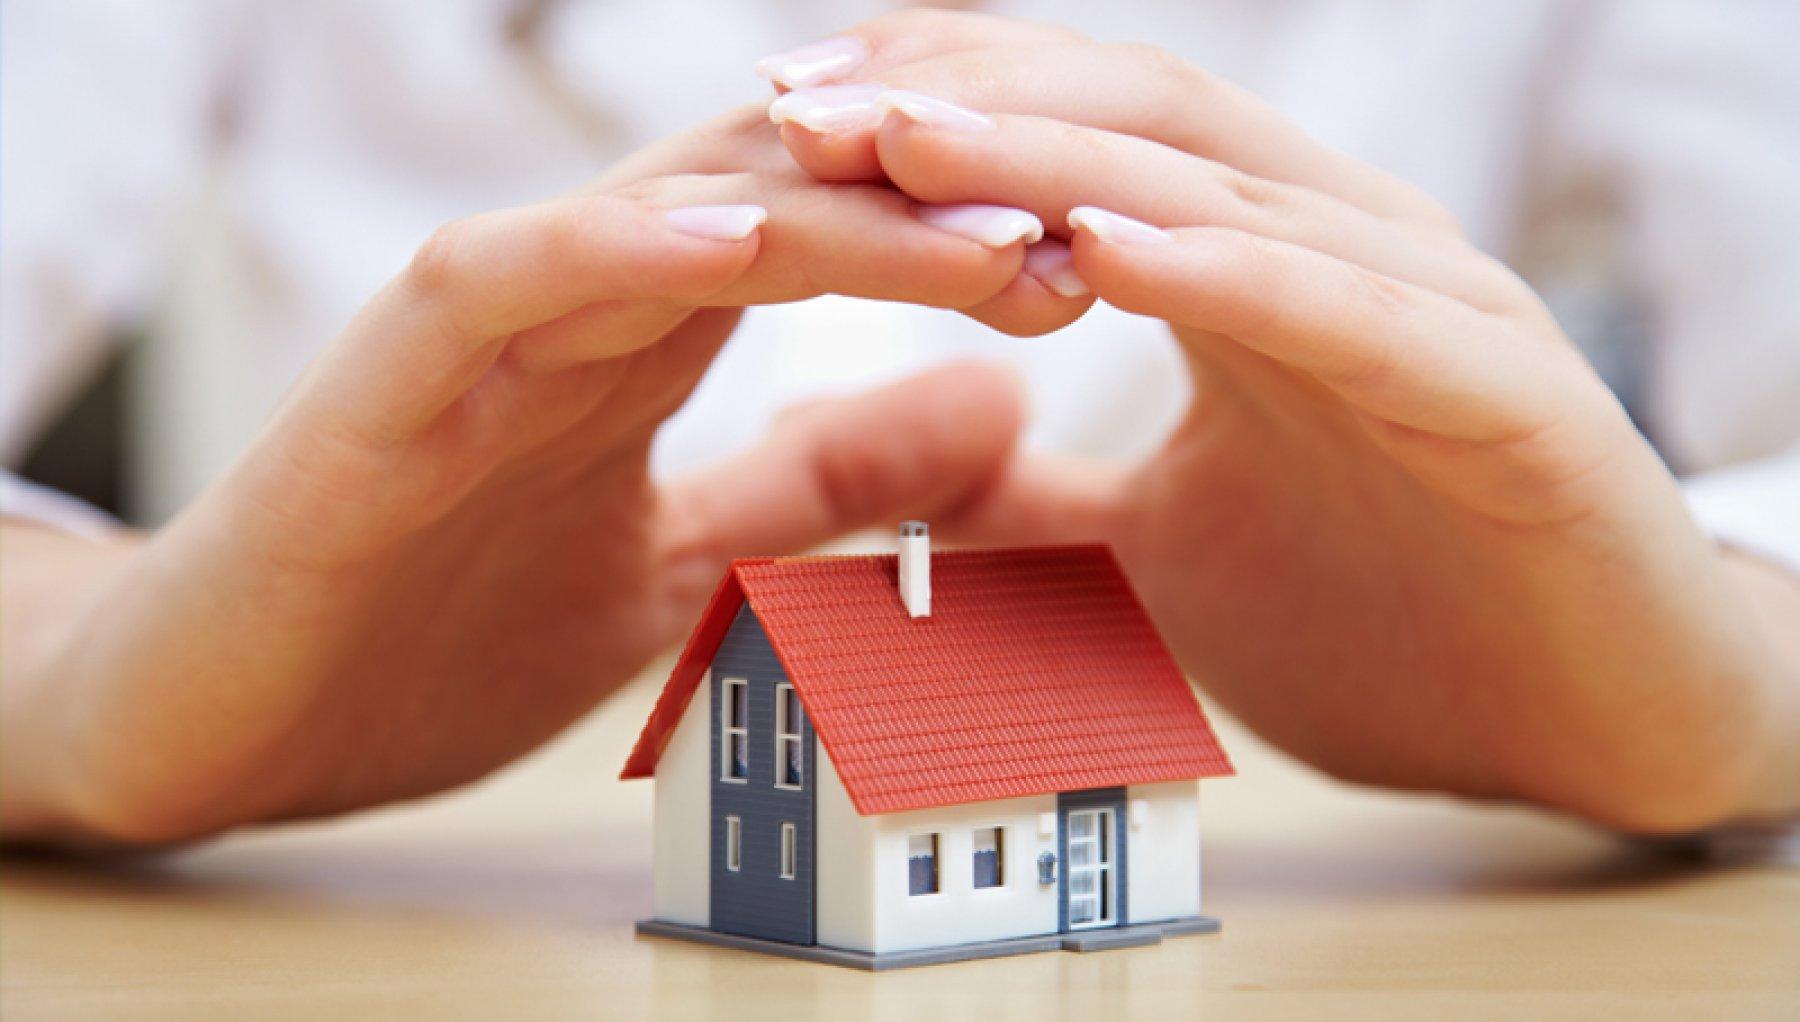 Ev Sigortası Nasıl Yapılır 2017 - 2018